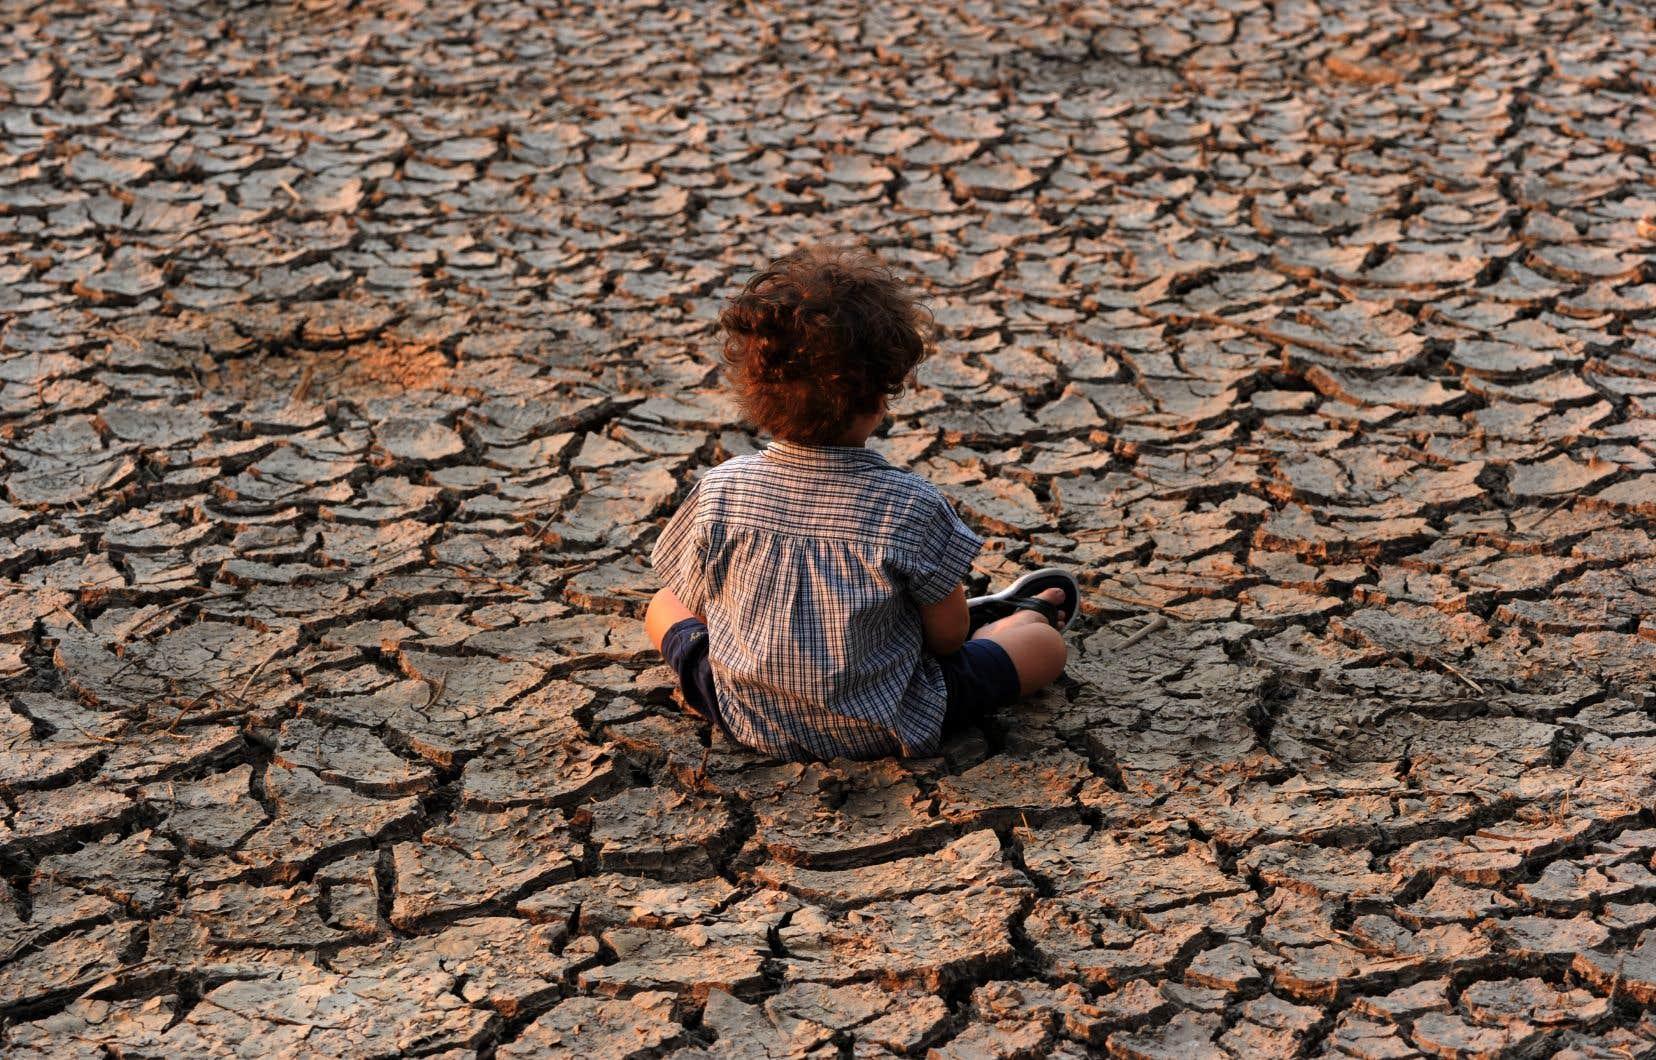 «La question environnementale ne s'est pas arrimée dans le cerveau humain», croit l'auteur.